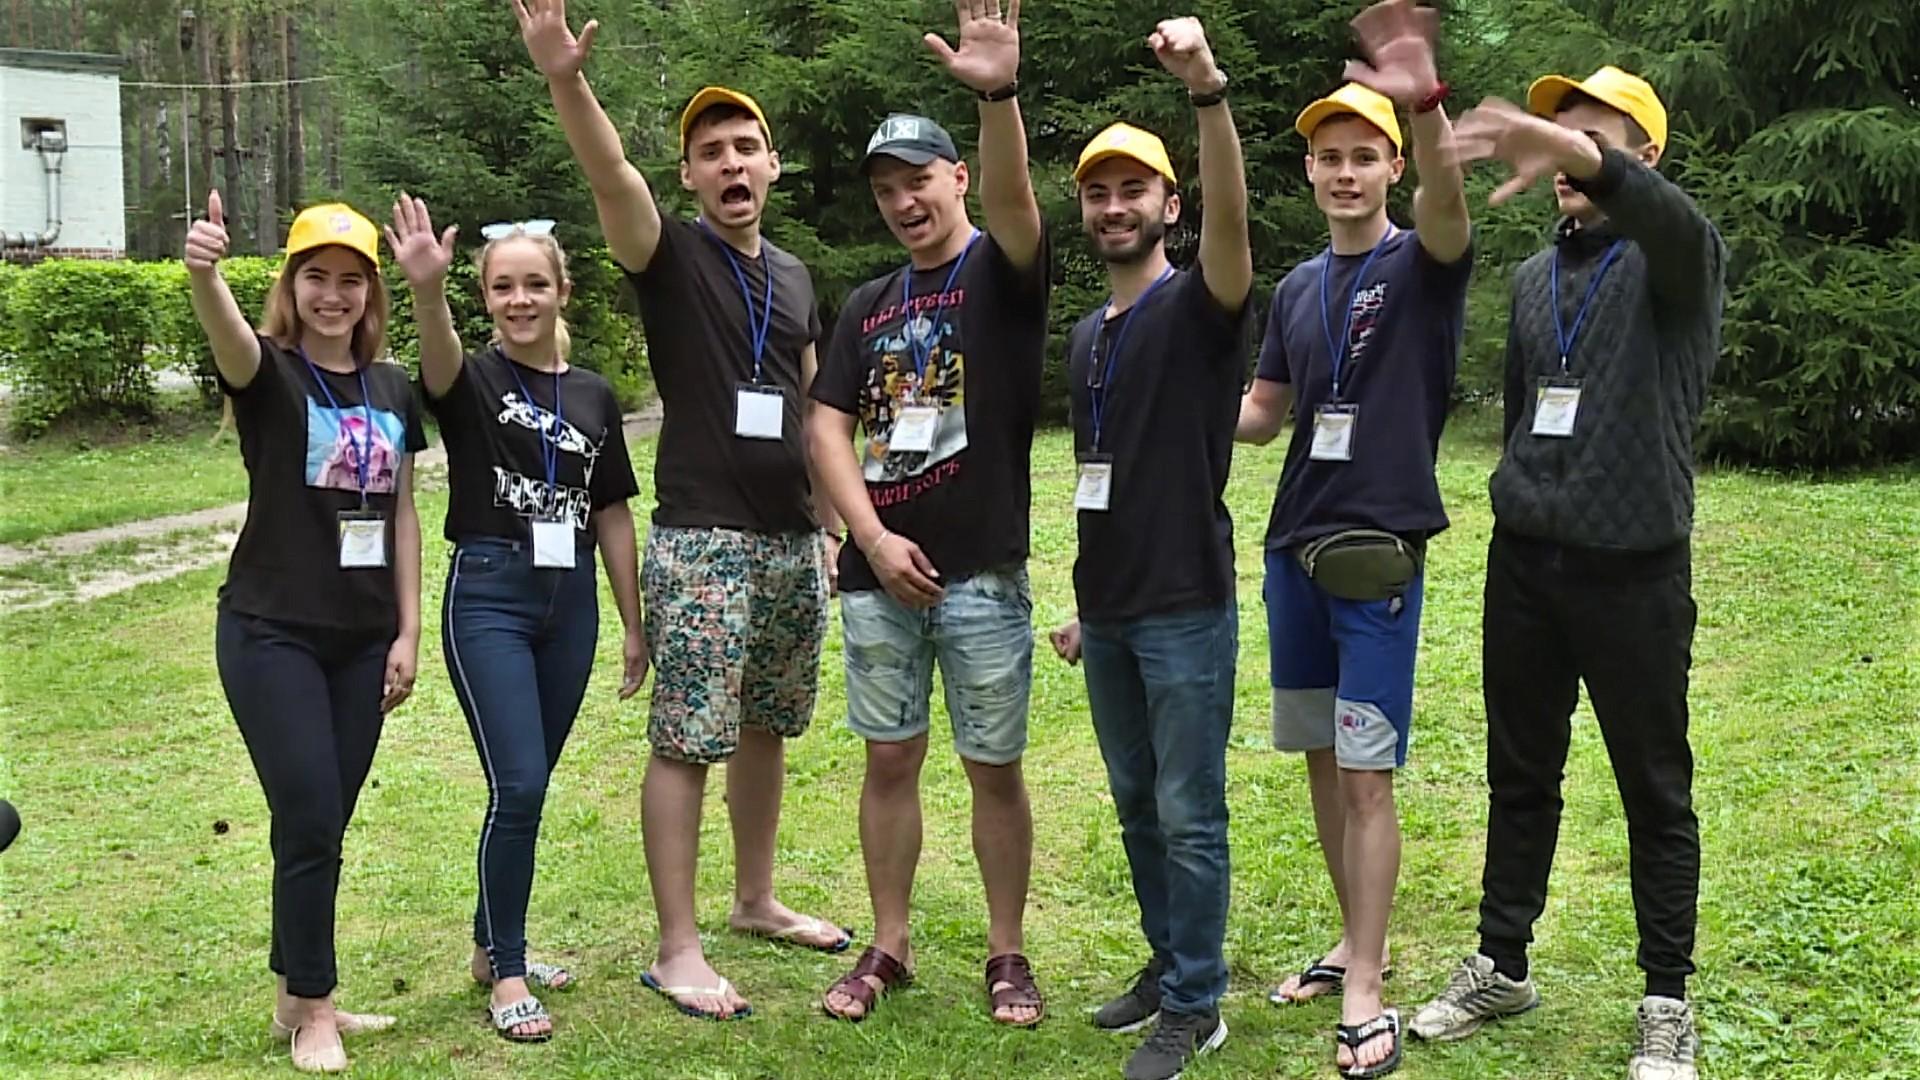 Магілёўскія студэнты паўдзельнічалі ў моладзевым лагеры разам са студэнтамі з «ДНР» і «ЛНР»